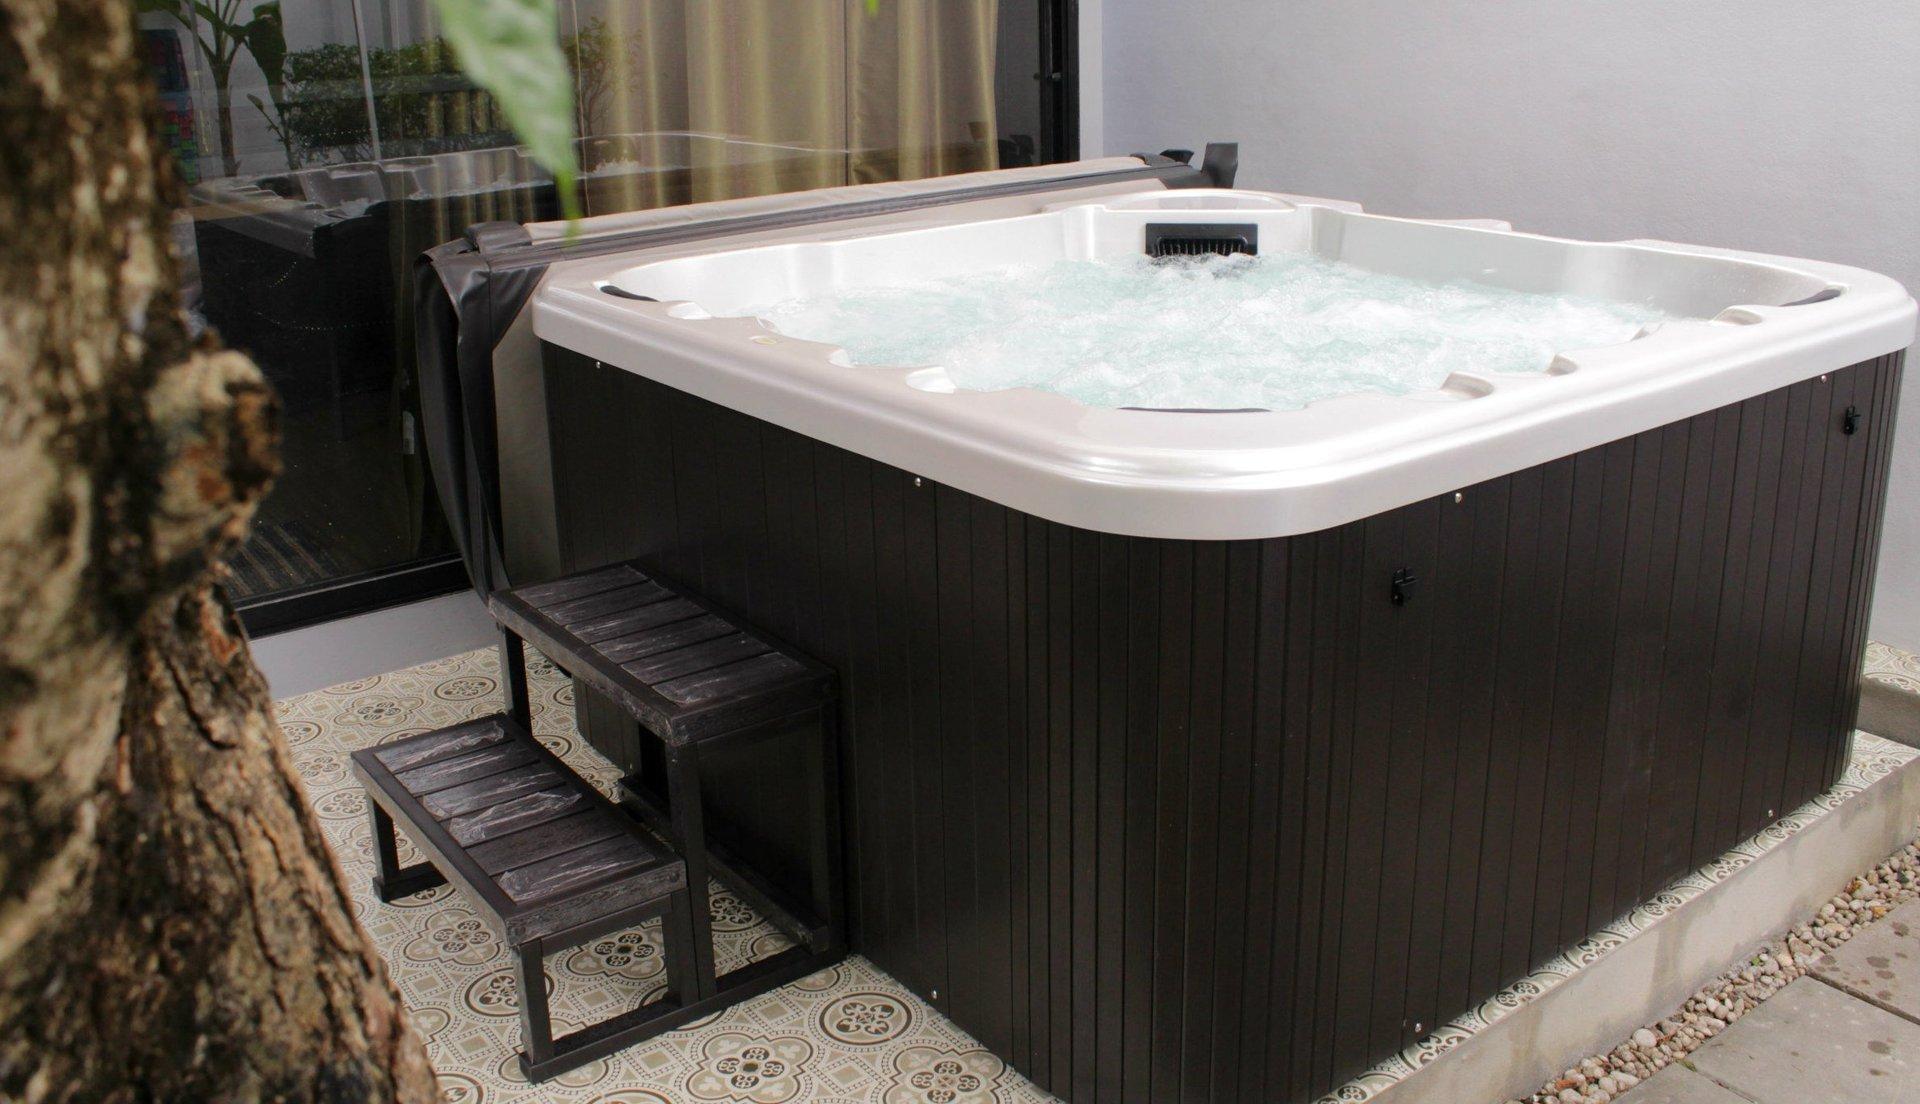 en tub spa hth g walmart hot ip ph in decreaser lower canada